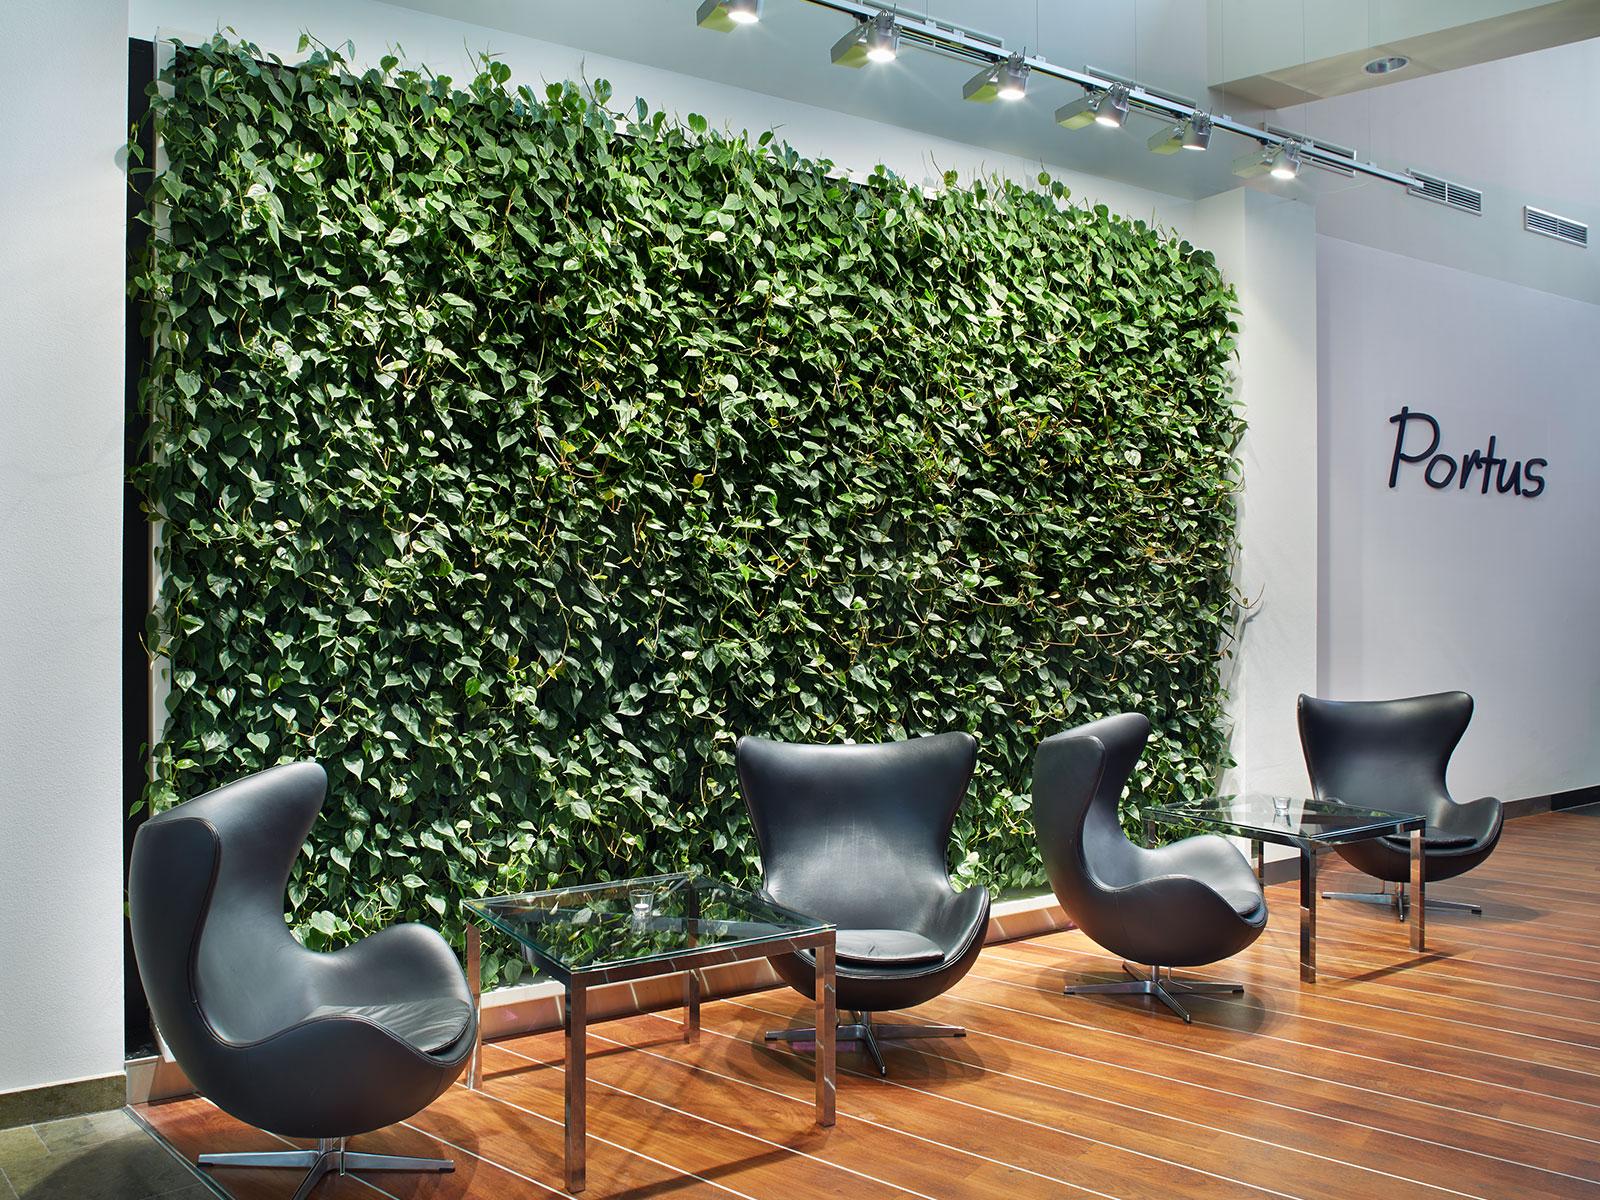 ein gl schen im gr nen die pflanzenwand zieht in die. Black Bedroom Furniture Sets. Home Design Ideas